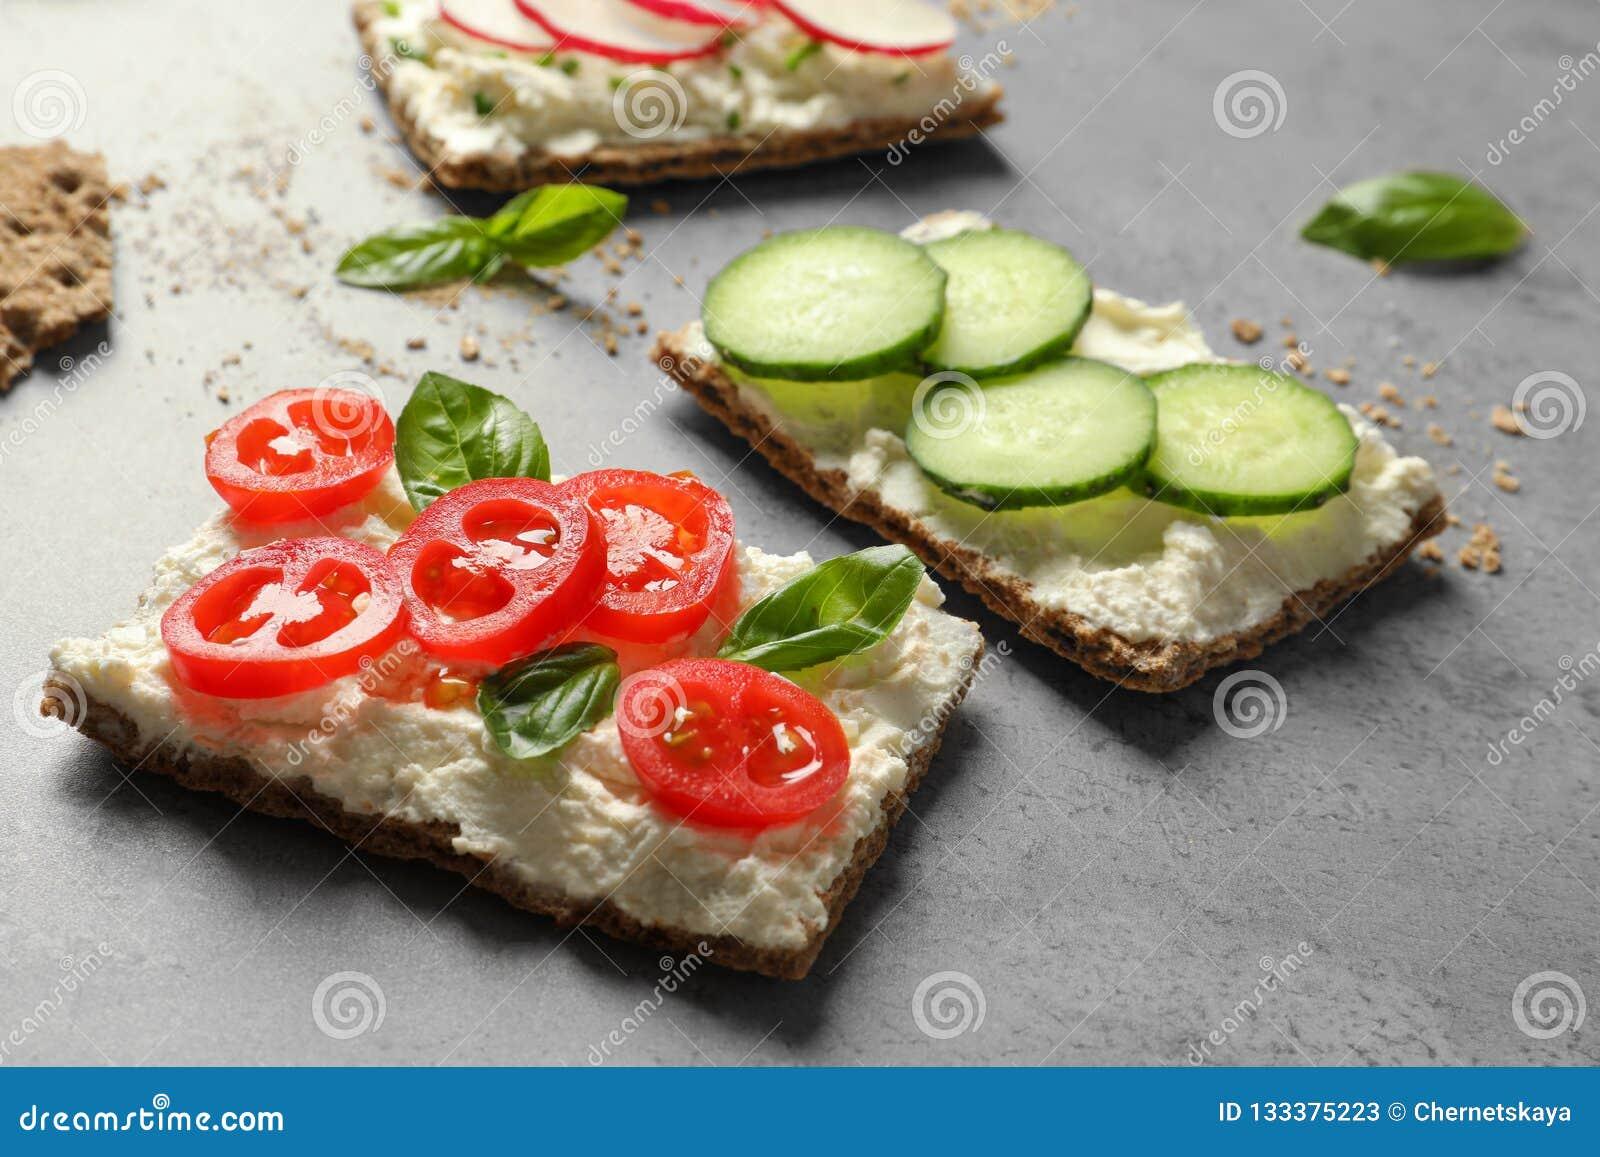 Smakelijke snacks met roomkaas en groenten